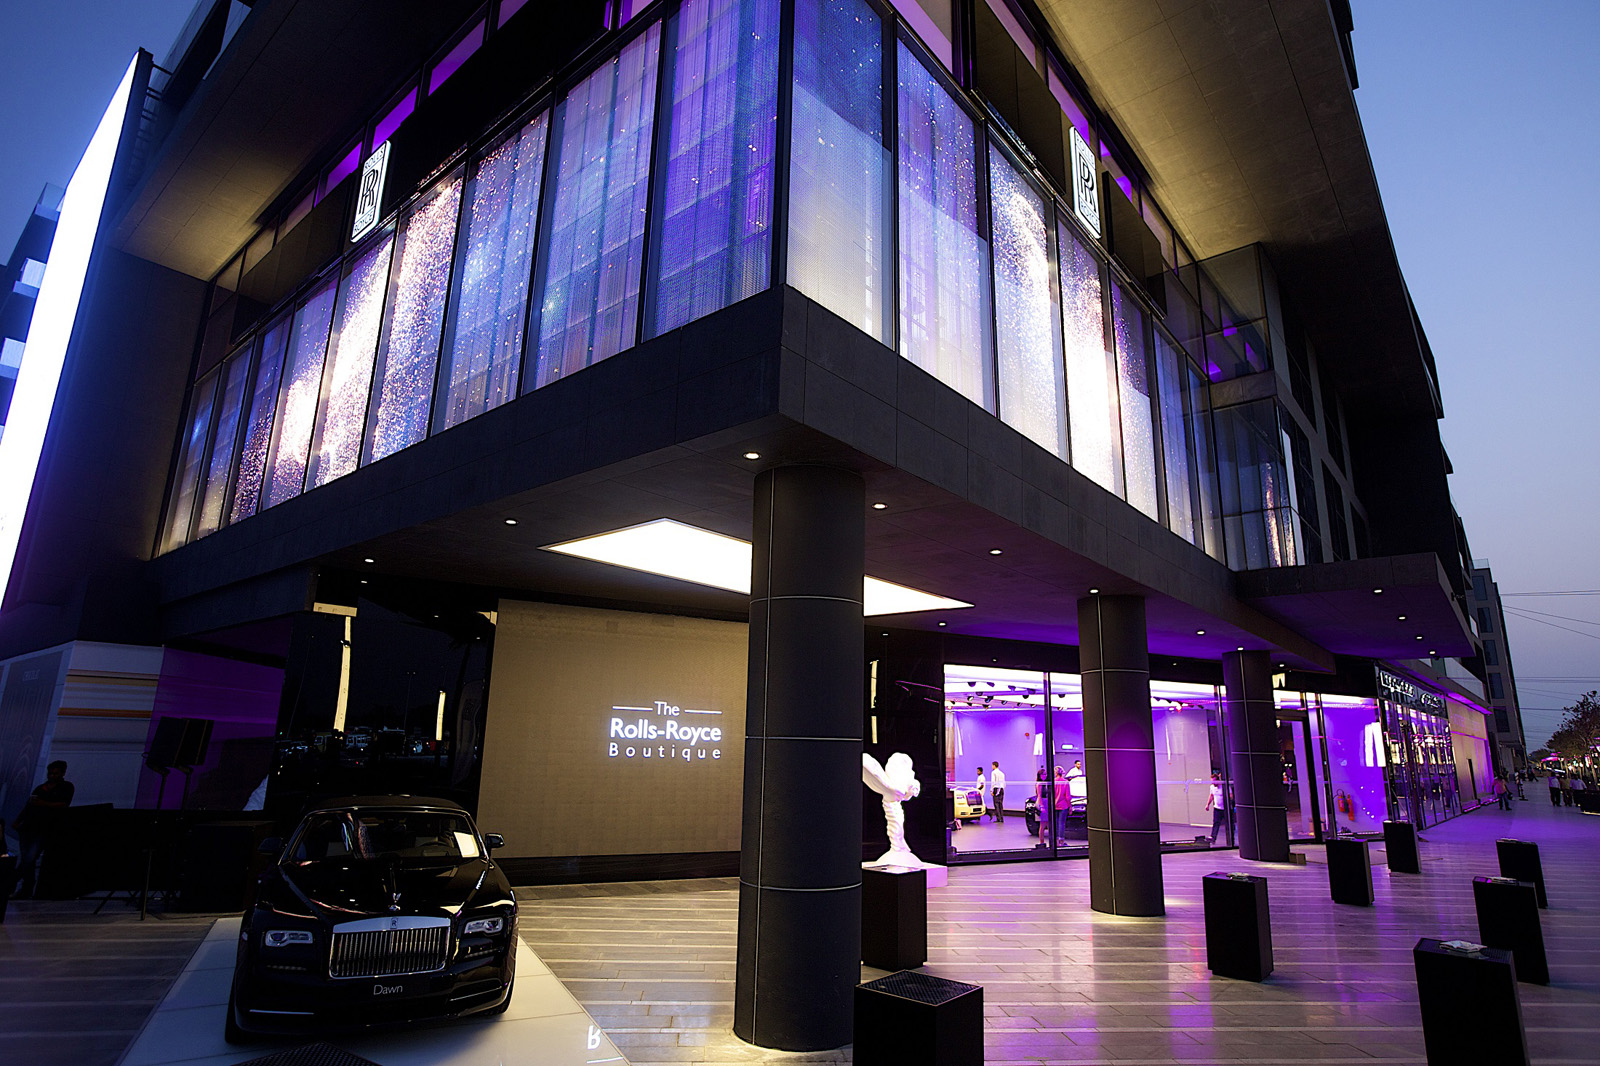 بالصور  ..  رولز رويس تفتتح نوعاً جديداً من المعارض في دبي Rolls Royce